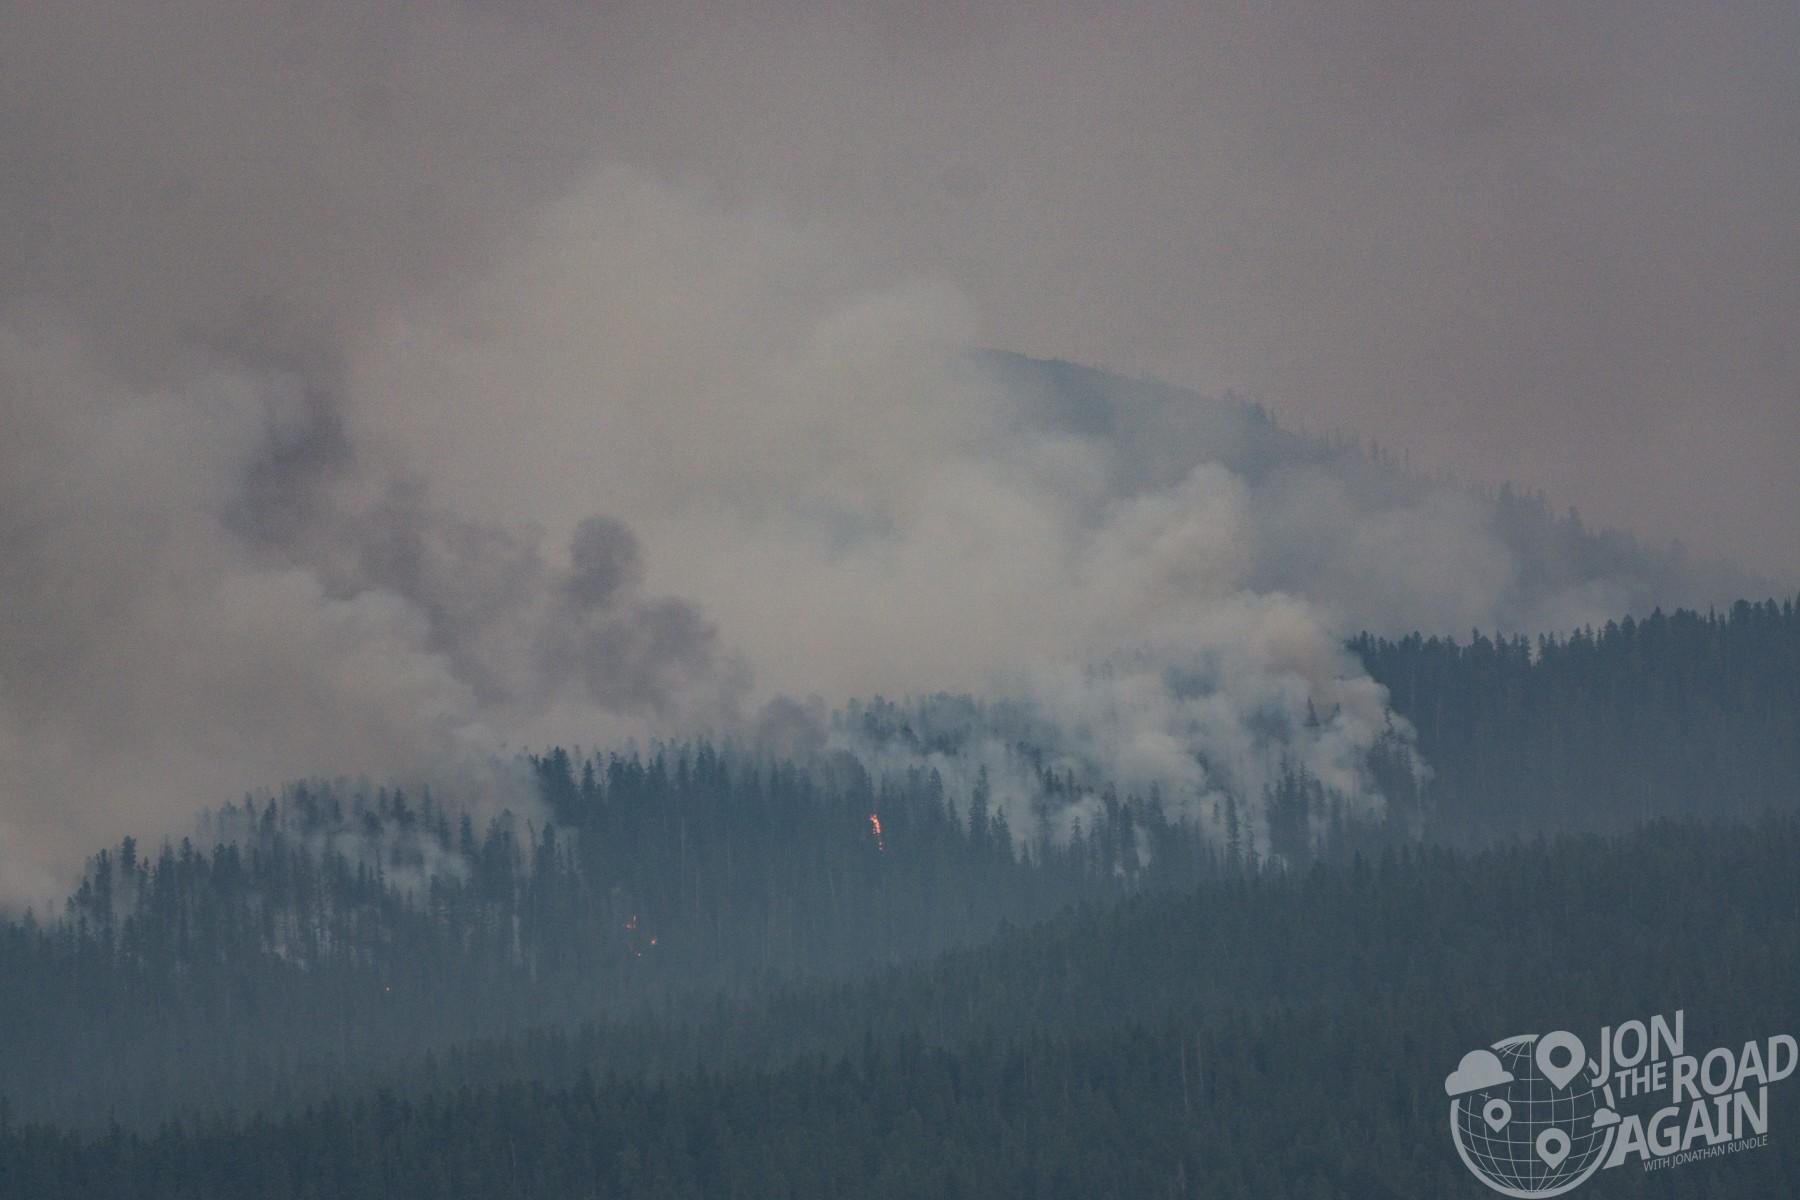 Forest fires in Glacier National Park